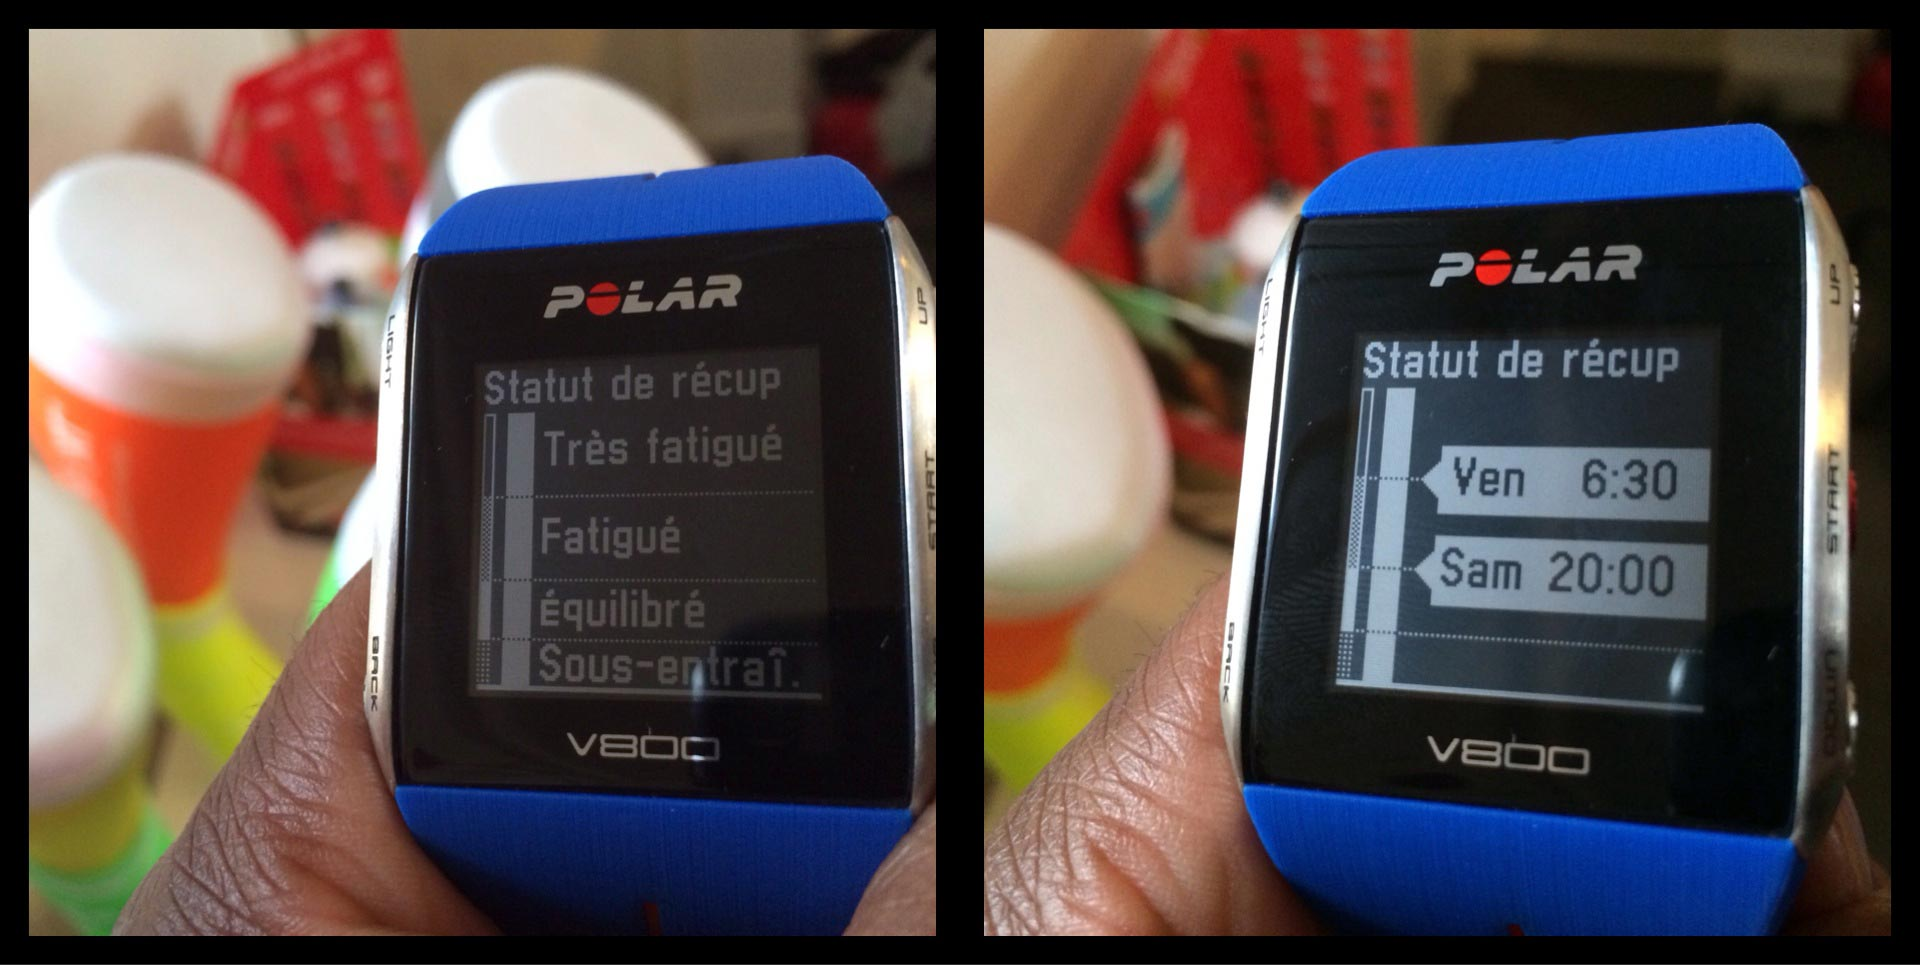 La montre de sport Polar V800 : affichage de la fonction récupération. Ph Moctar KANE.